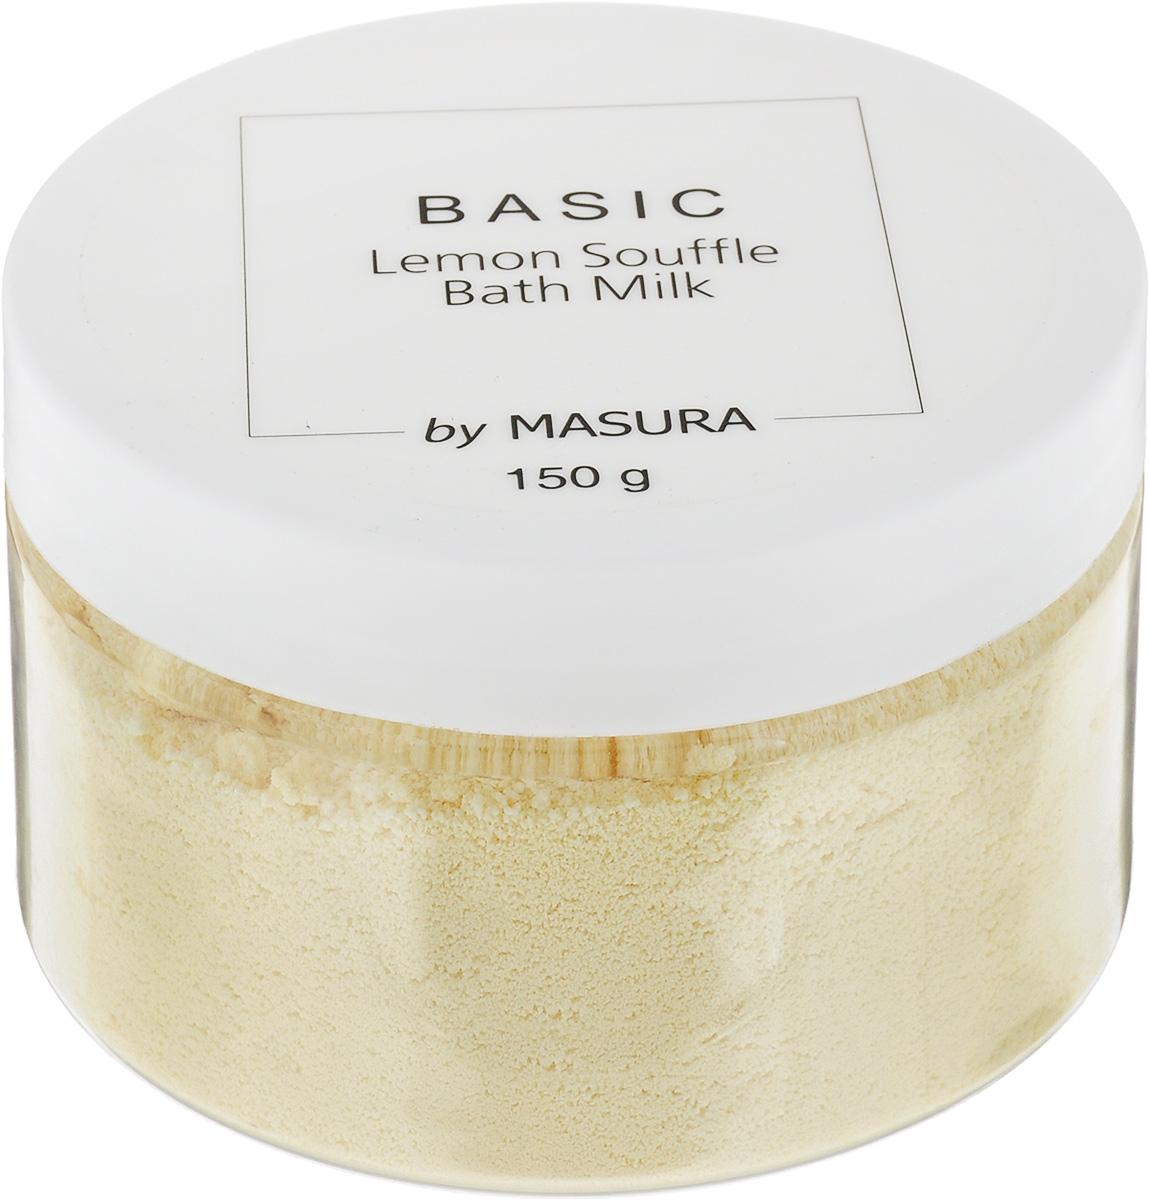 Masura Сухое молочко для ванны Lemon Souffle, 150 гр гидромассажер для ванны turbo spa